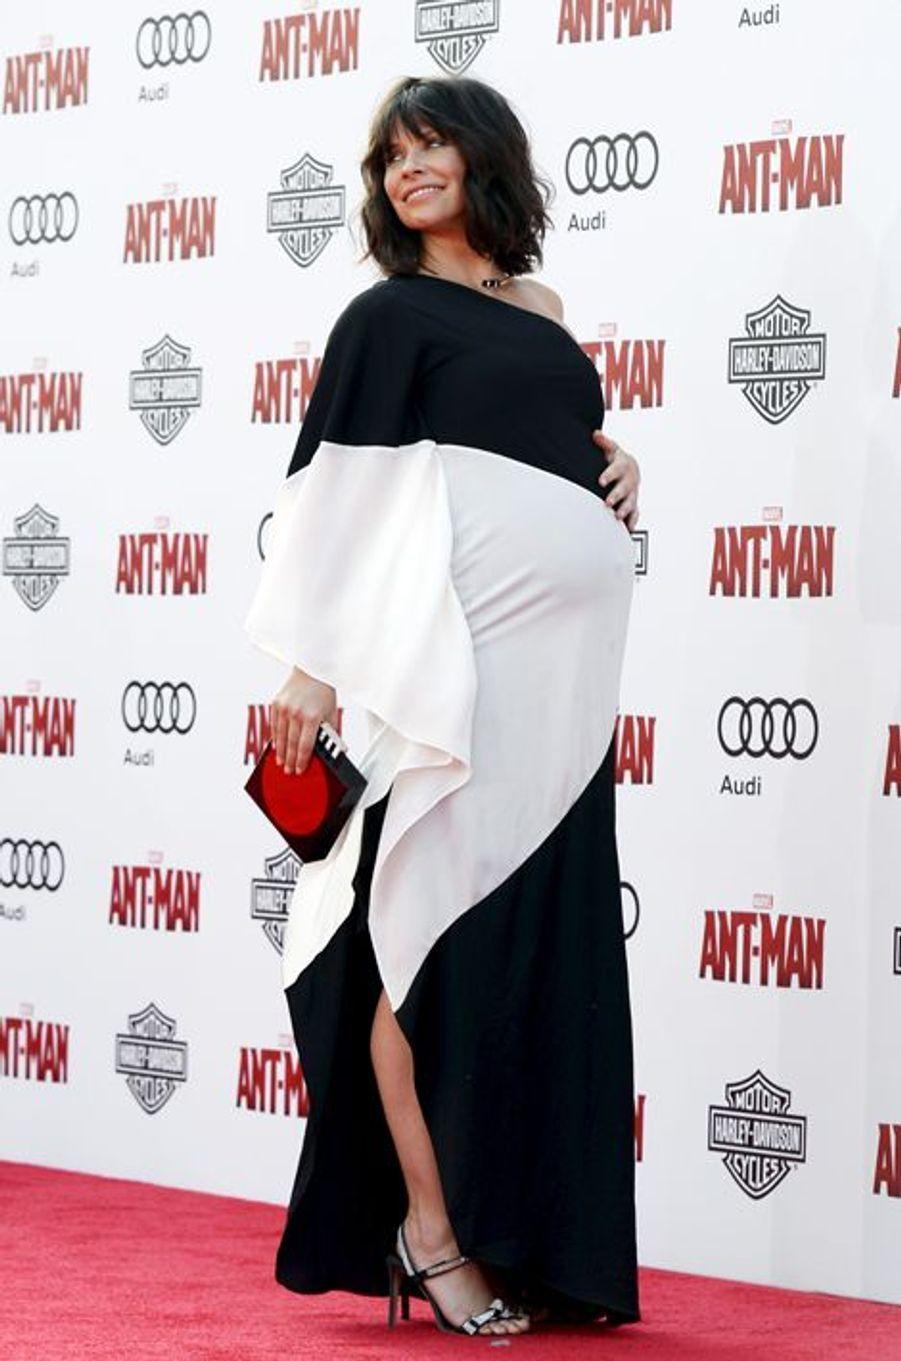 L'actrice Evangeline Lilly et Norman Kali ont accueilli leur deuxième enfant en octobre 2015.